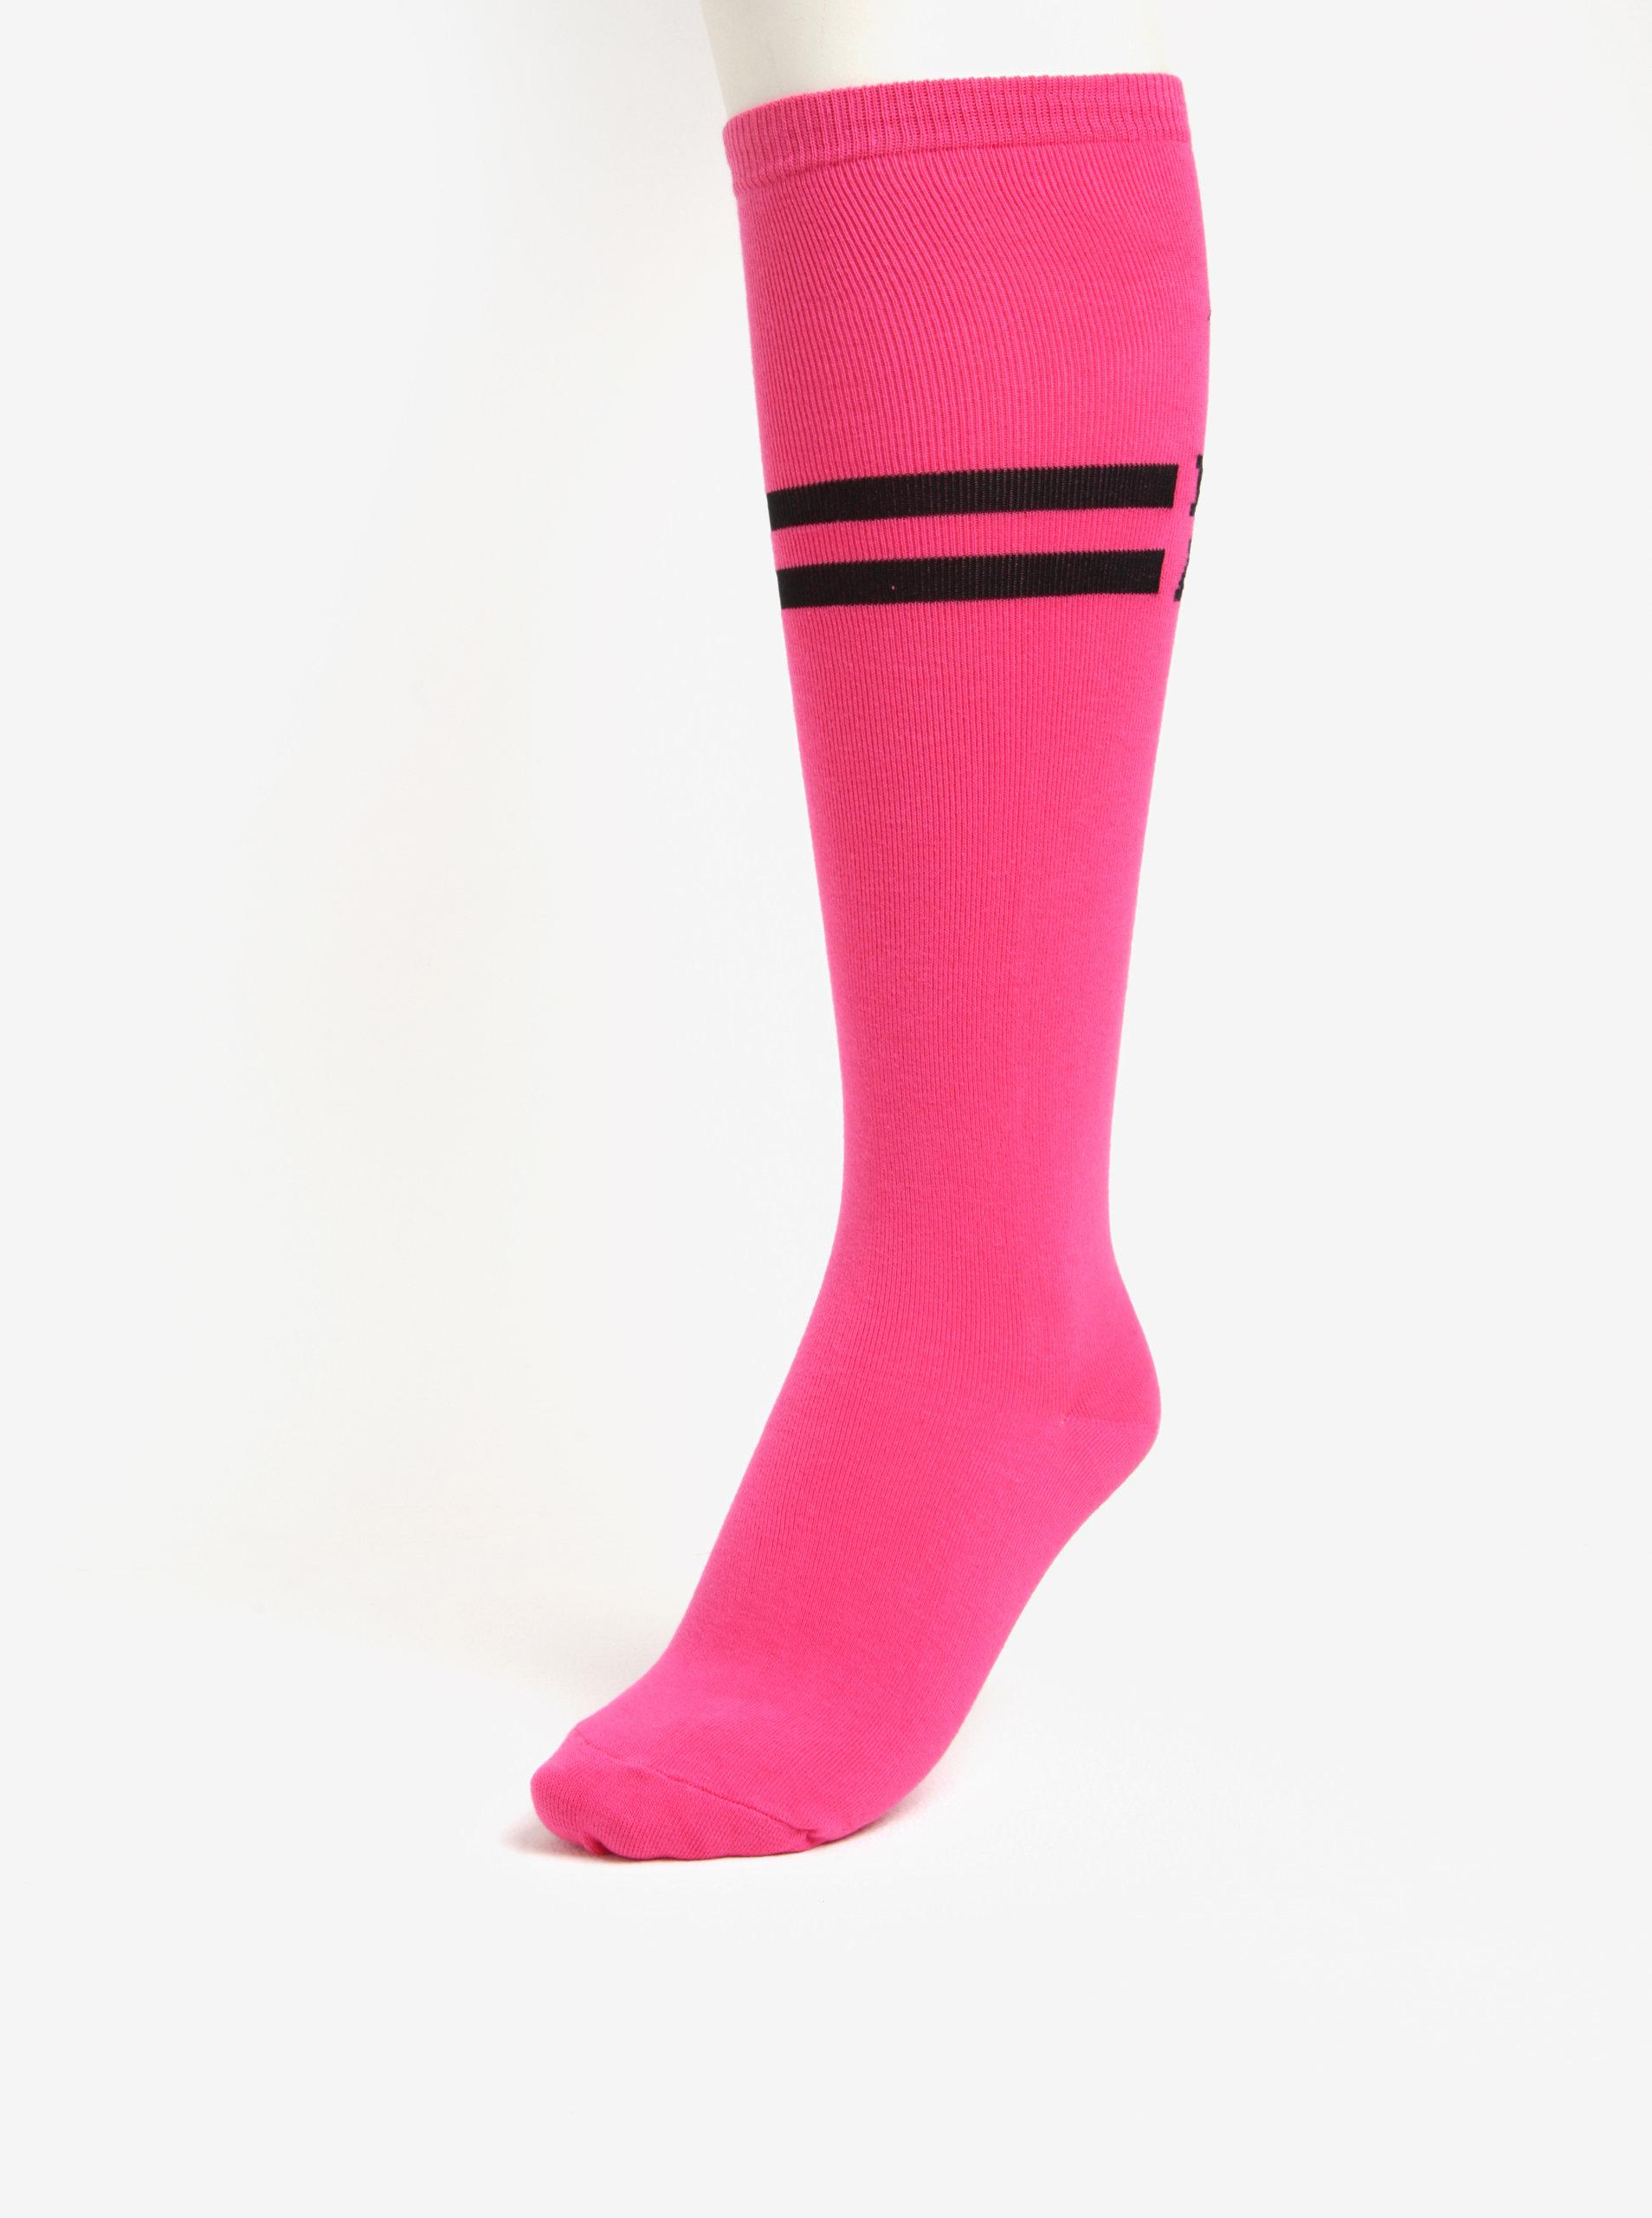 558ddf53c00 Růžové dámské podkolenky Sock It to Me Pink Badass ...